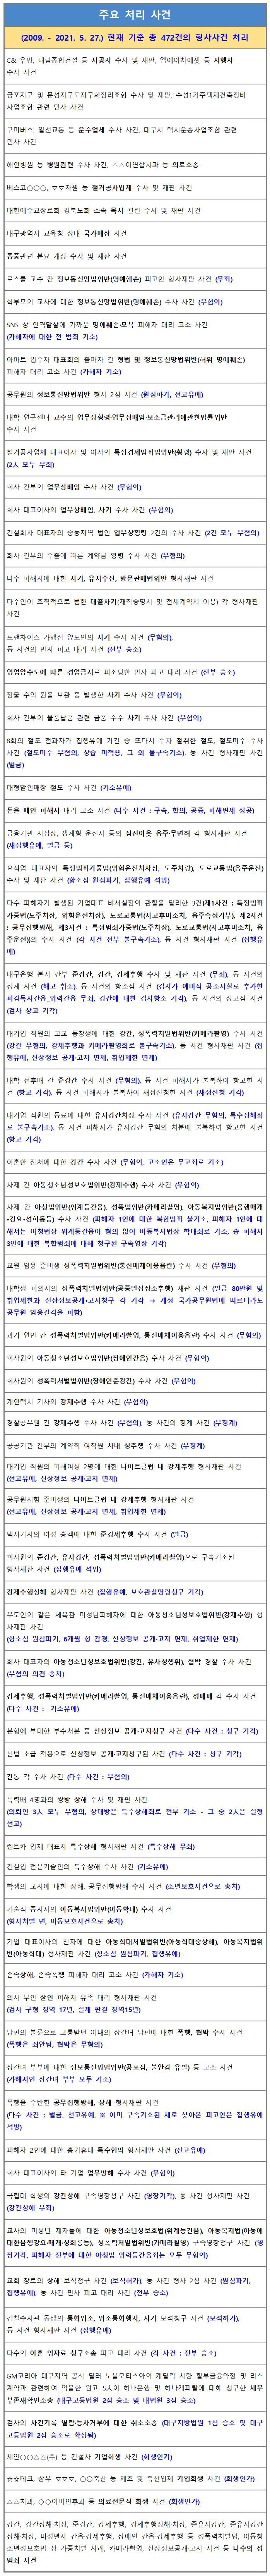 주요 처리 사건-210527.png